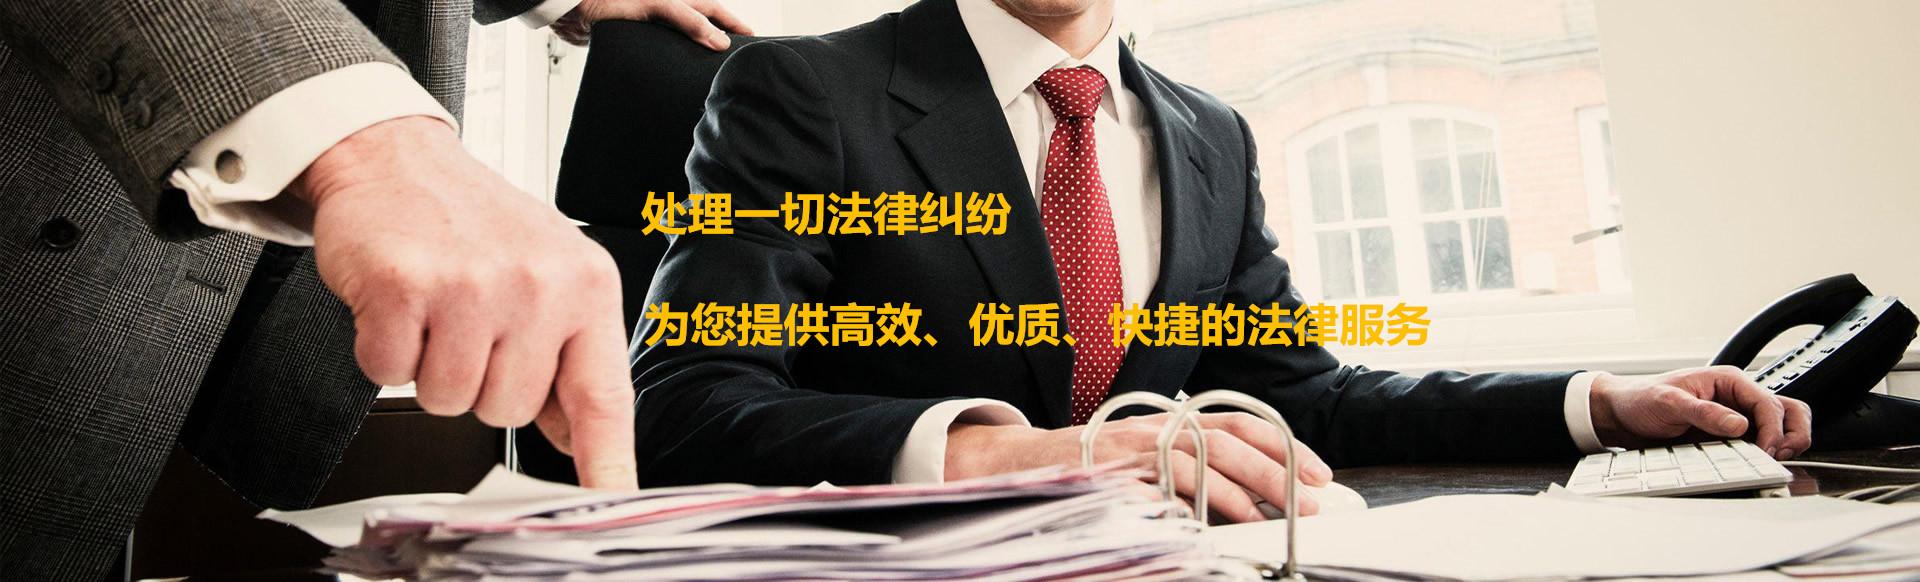 泾阳民事代理律师